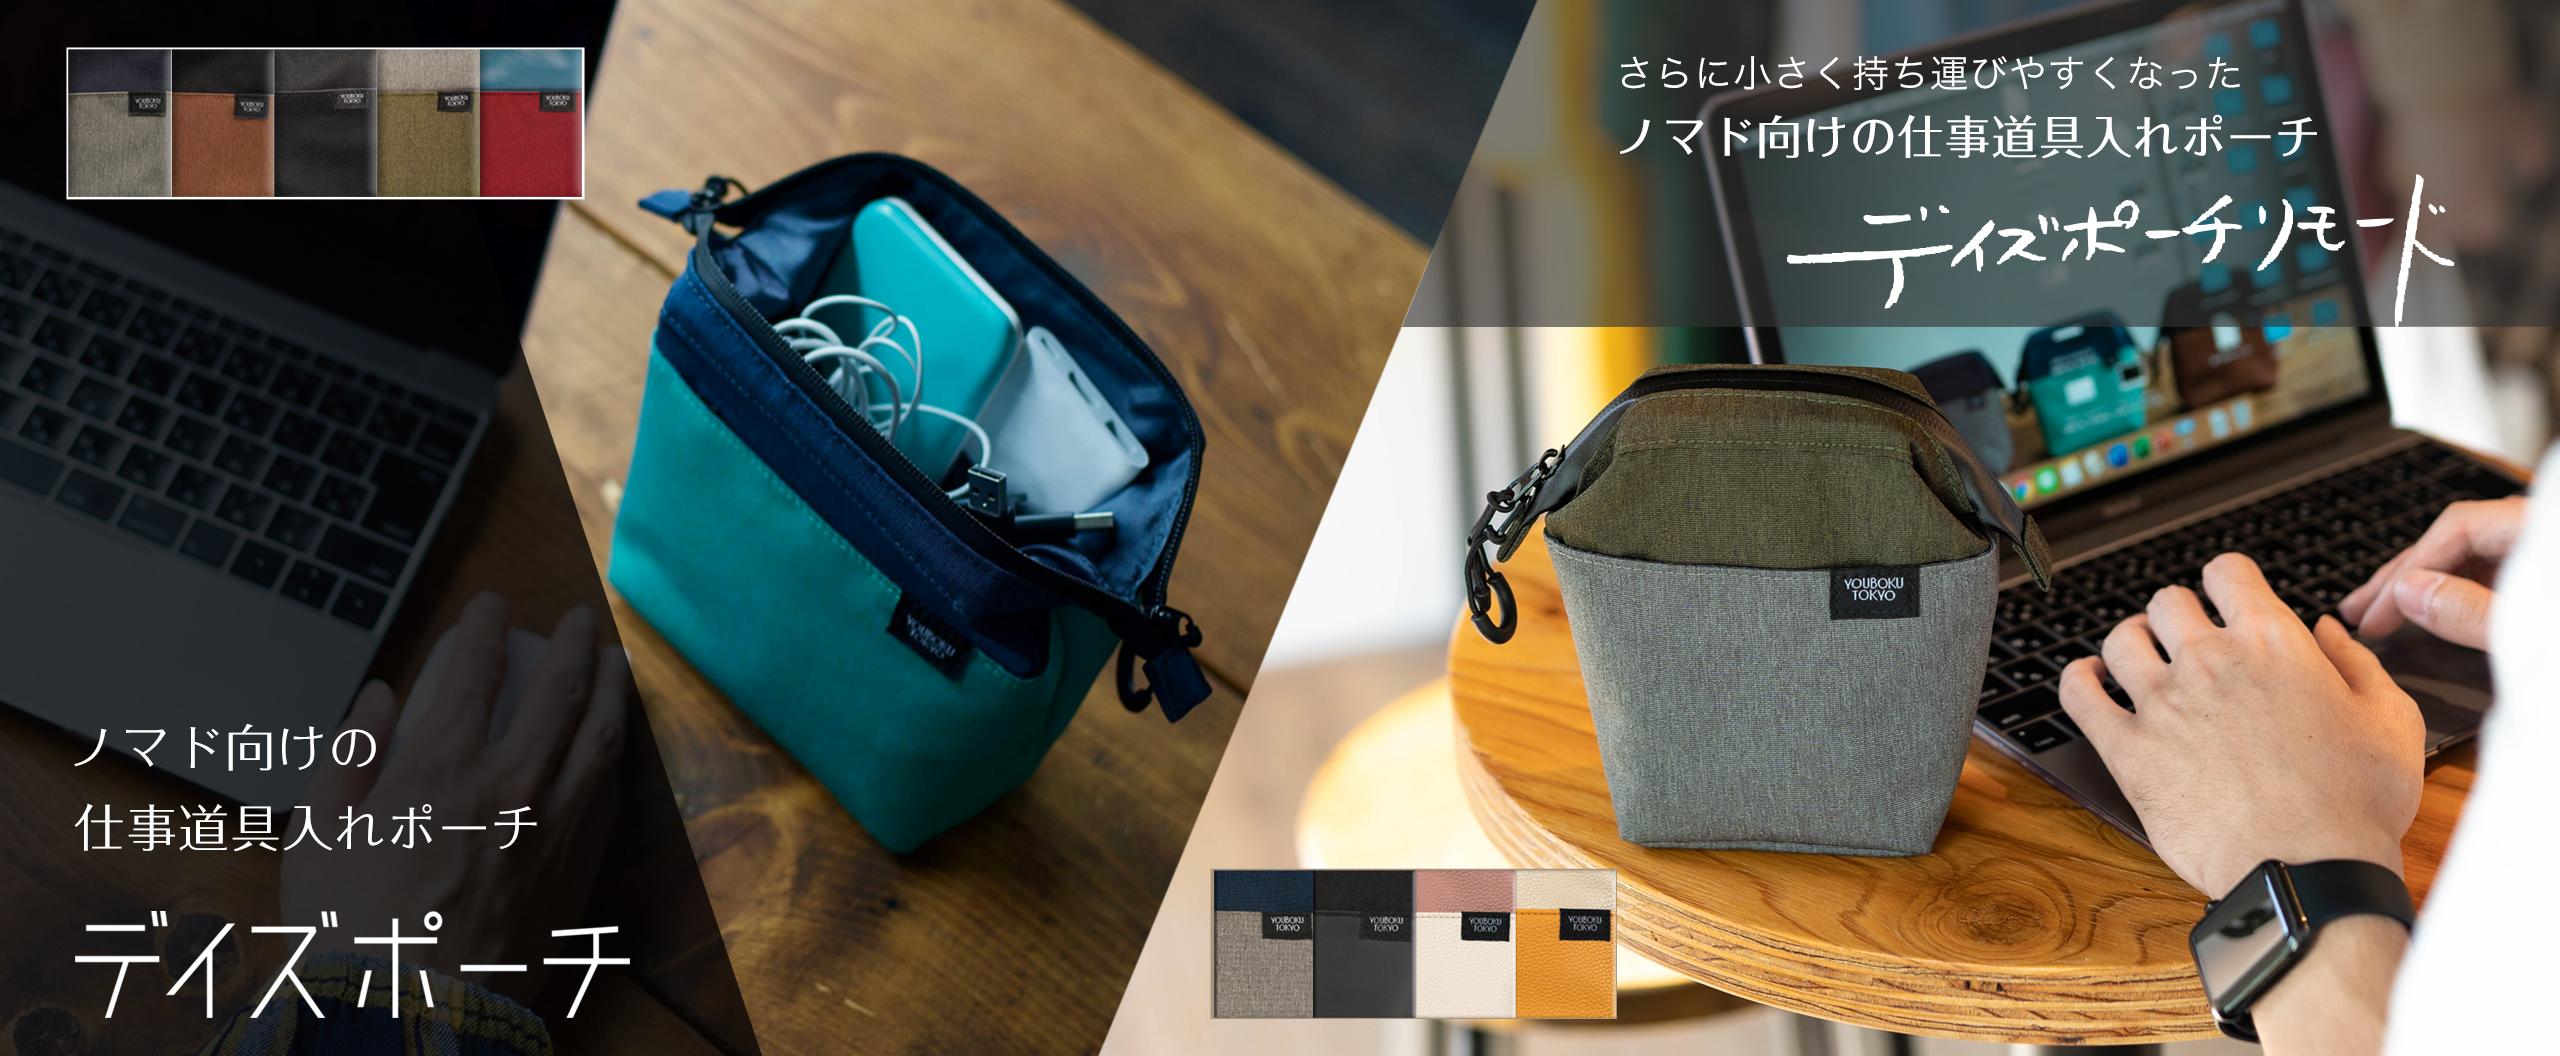 こちらは合同会社ユウボクです。当社運営ブランドである、ワークスタイルブランド「ユウボク東京」についてご紹介しています。